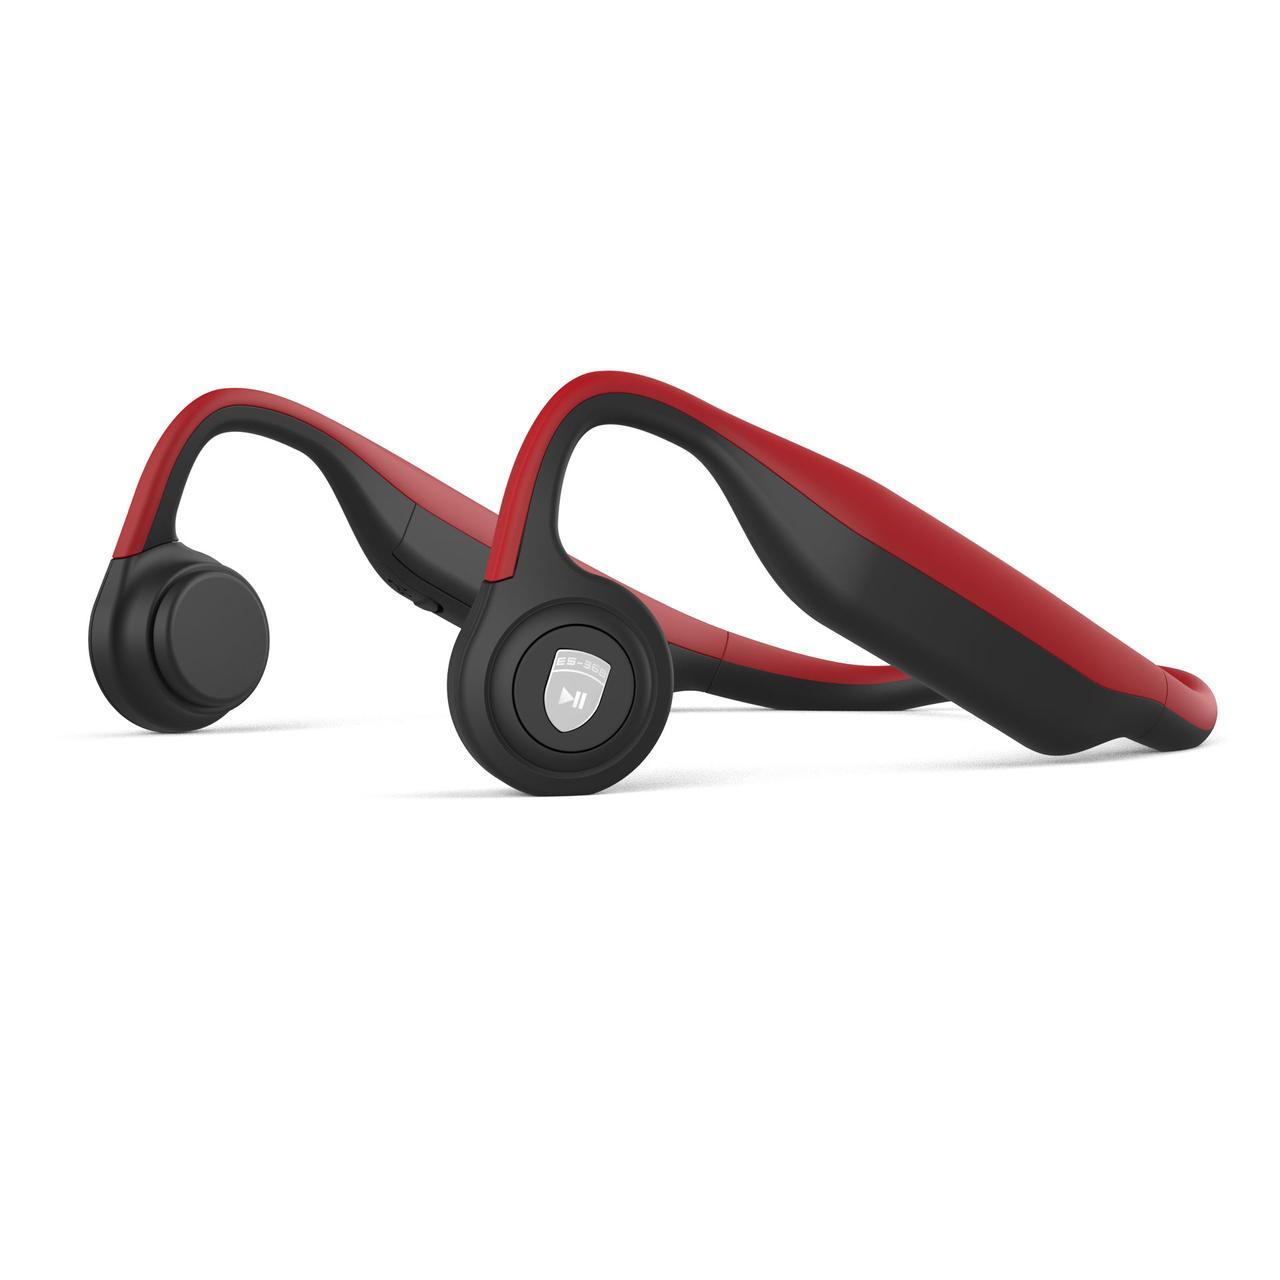 BakeeySmartBoneConductionHeadphoneWireless Bluetooth Стерео Спорт Водонепроницаемы Наушник С микрофоном - 1TopShop